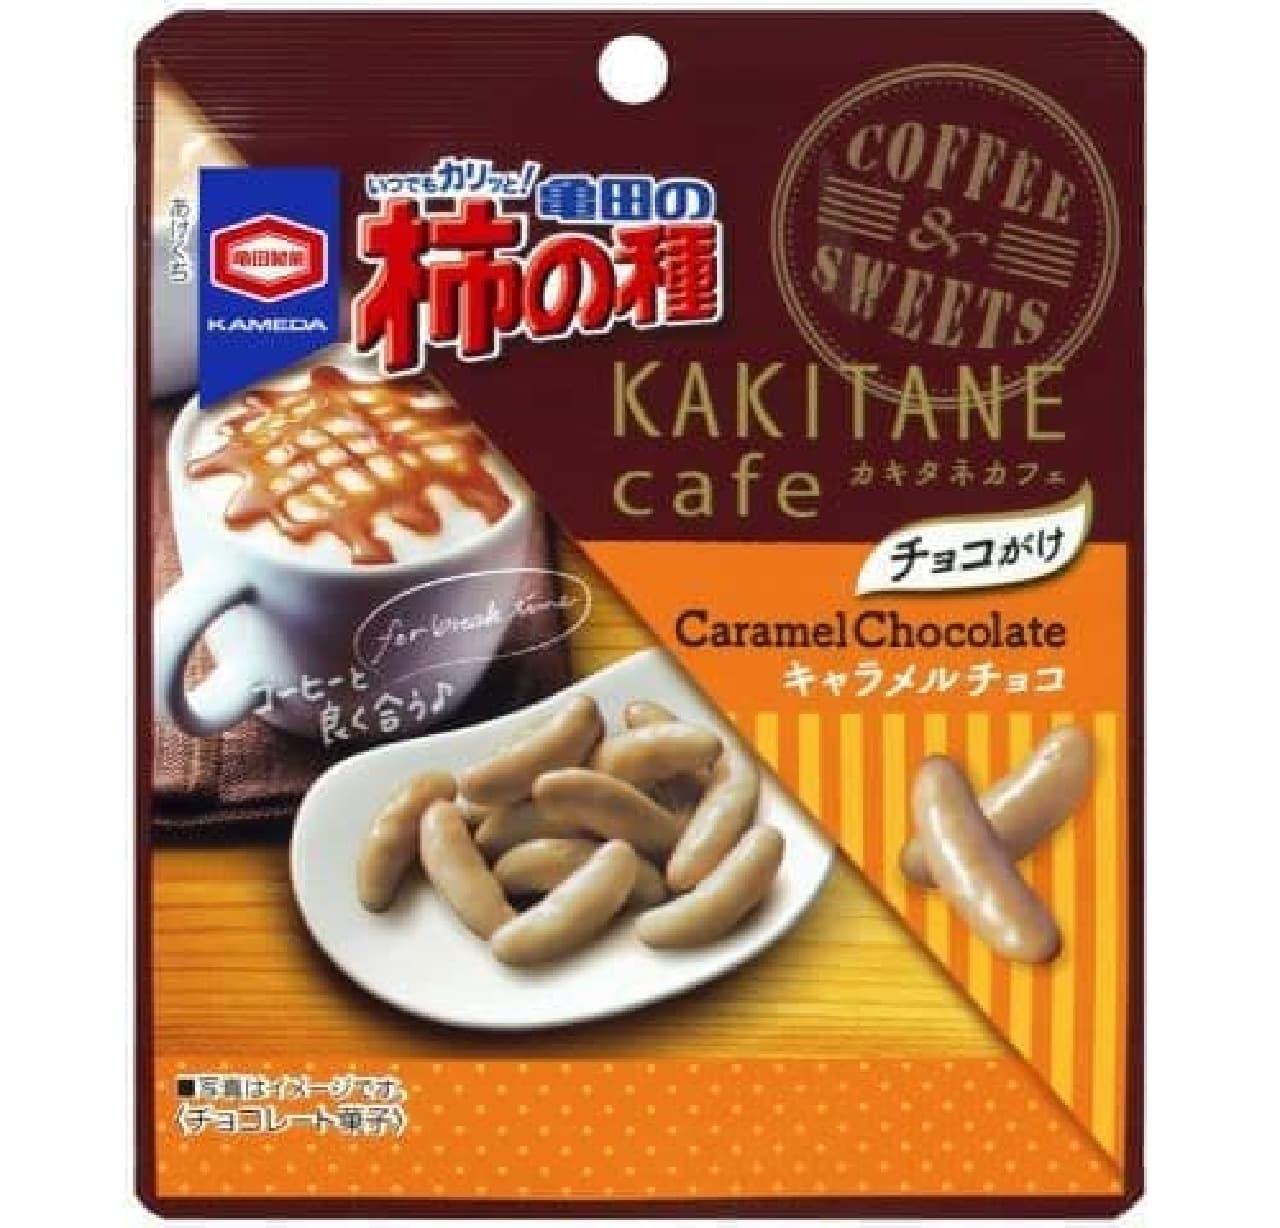 亀田の柿の種 キャラメルチョコは、濃厚なキャラメルチョコレートがたっぷりコーティングされた柿の種